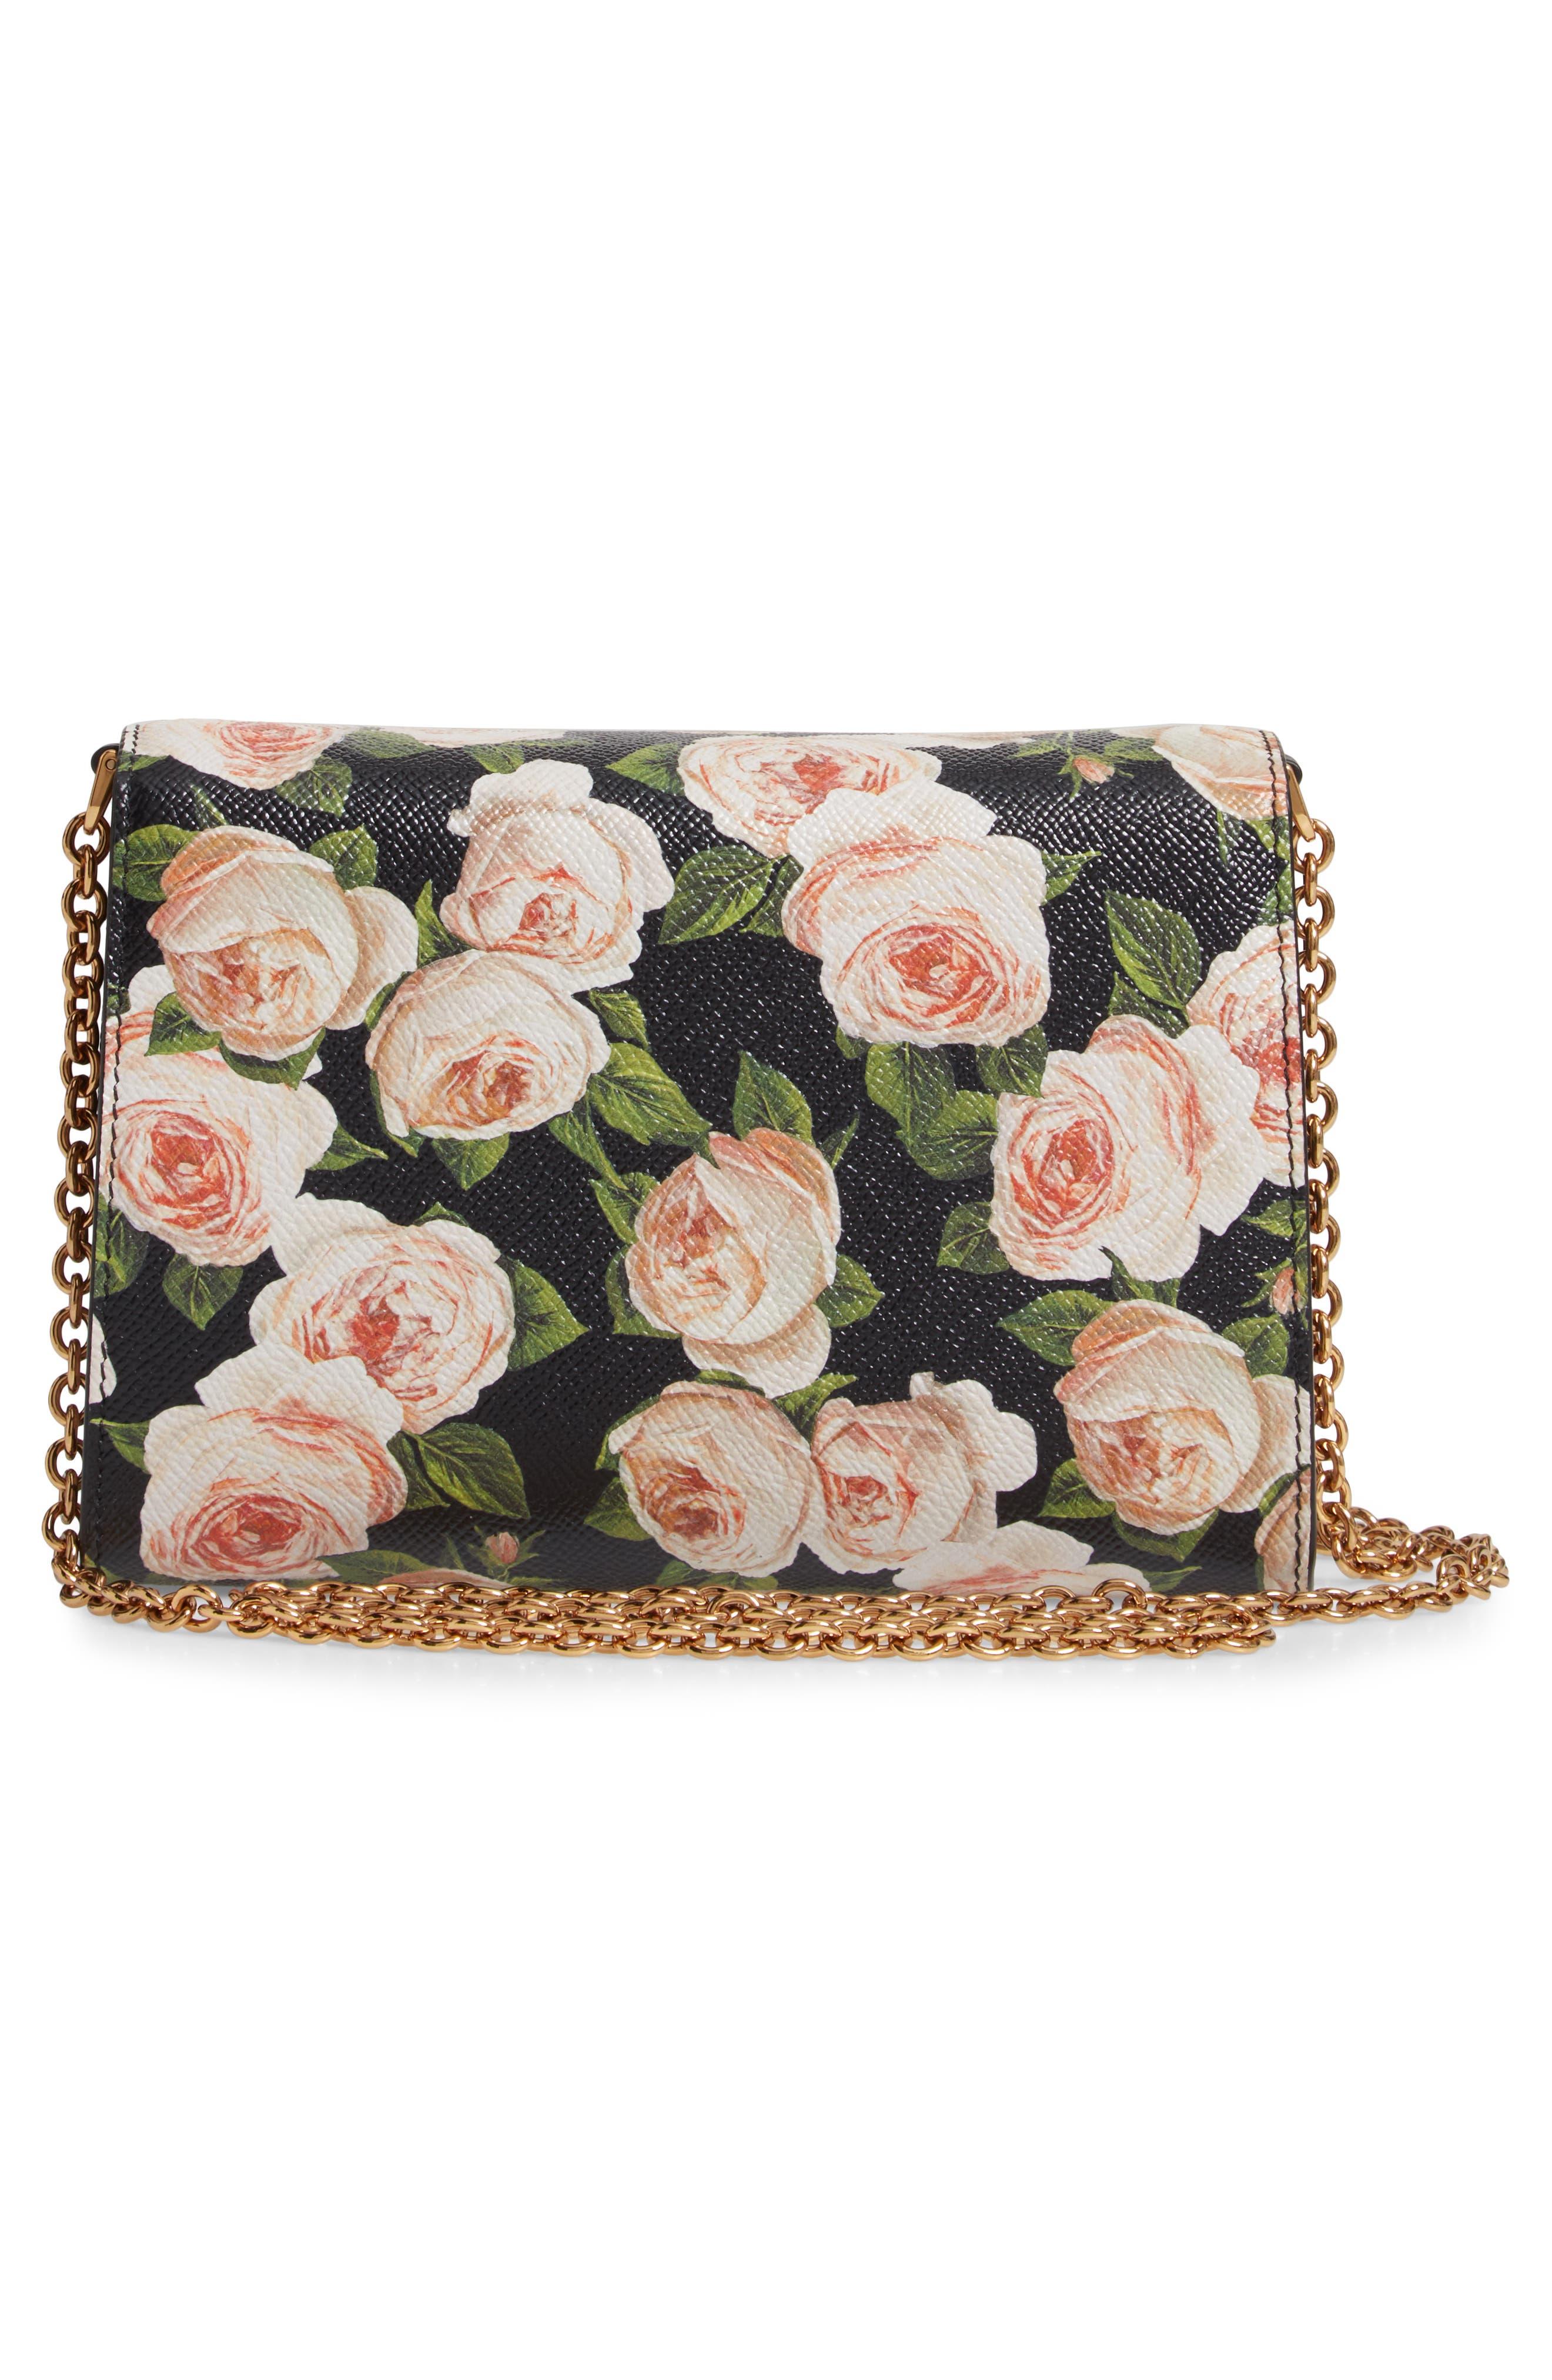 DOLCE&GABBANA, Rose Print Calfskin Leather Shoulder Bag, Alternate thumbnail 3, color, NERO/ ROSE